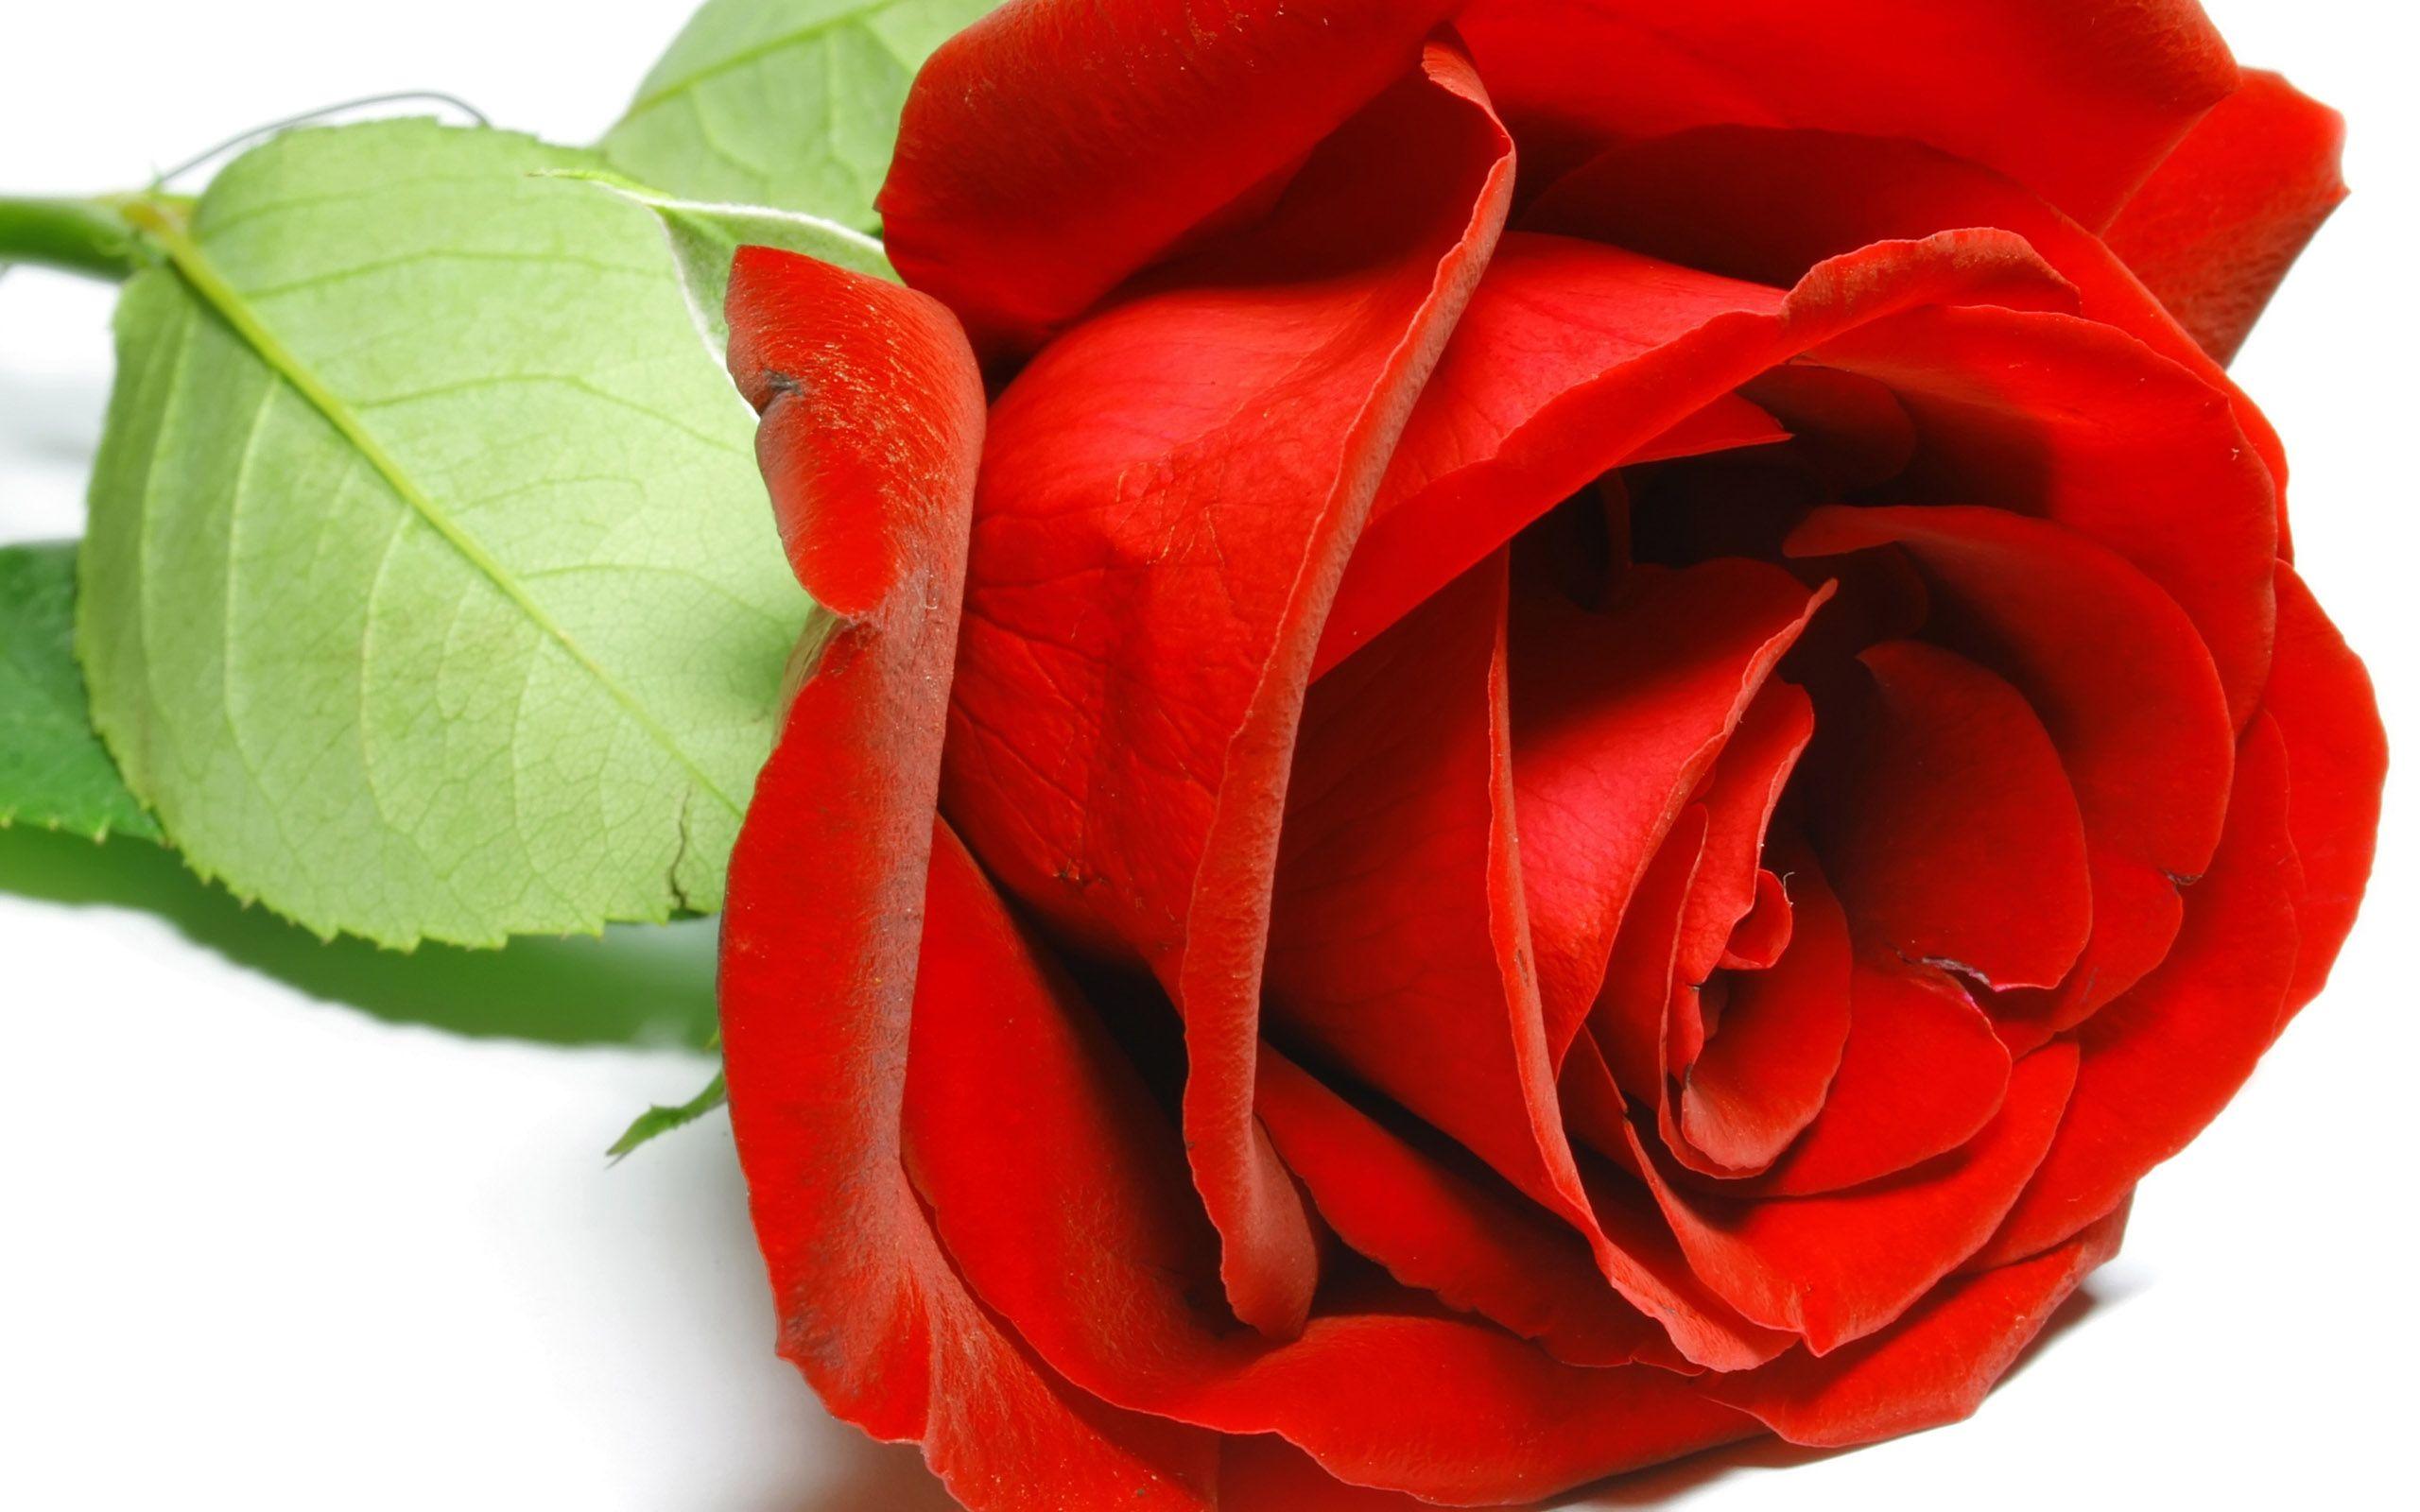 rose flower wallpaper hd http imashon com w rose flower